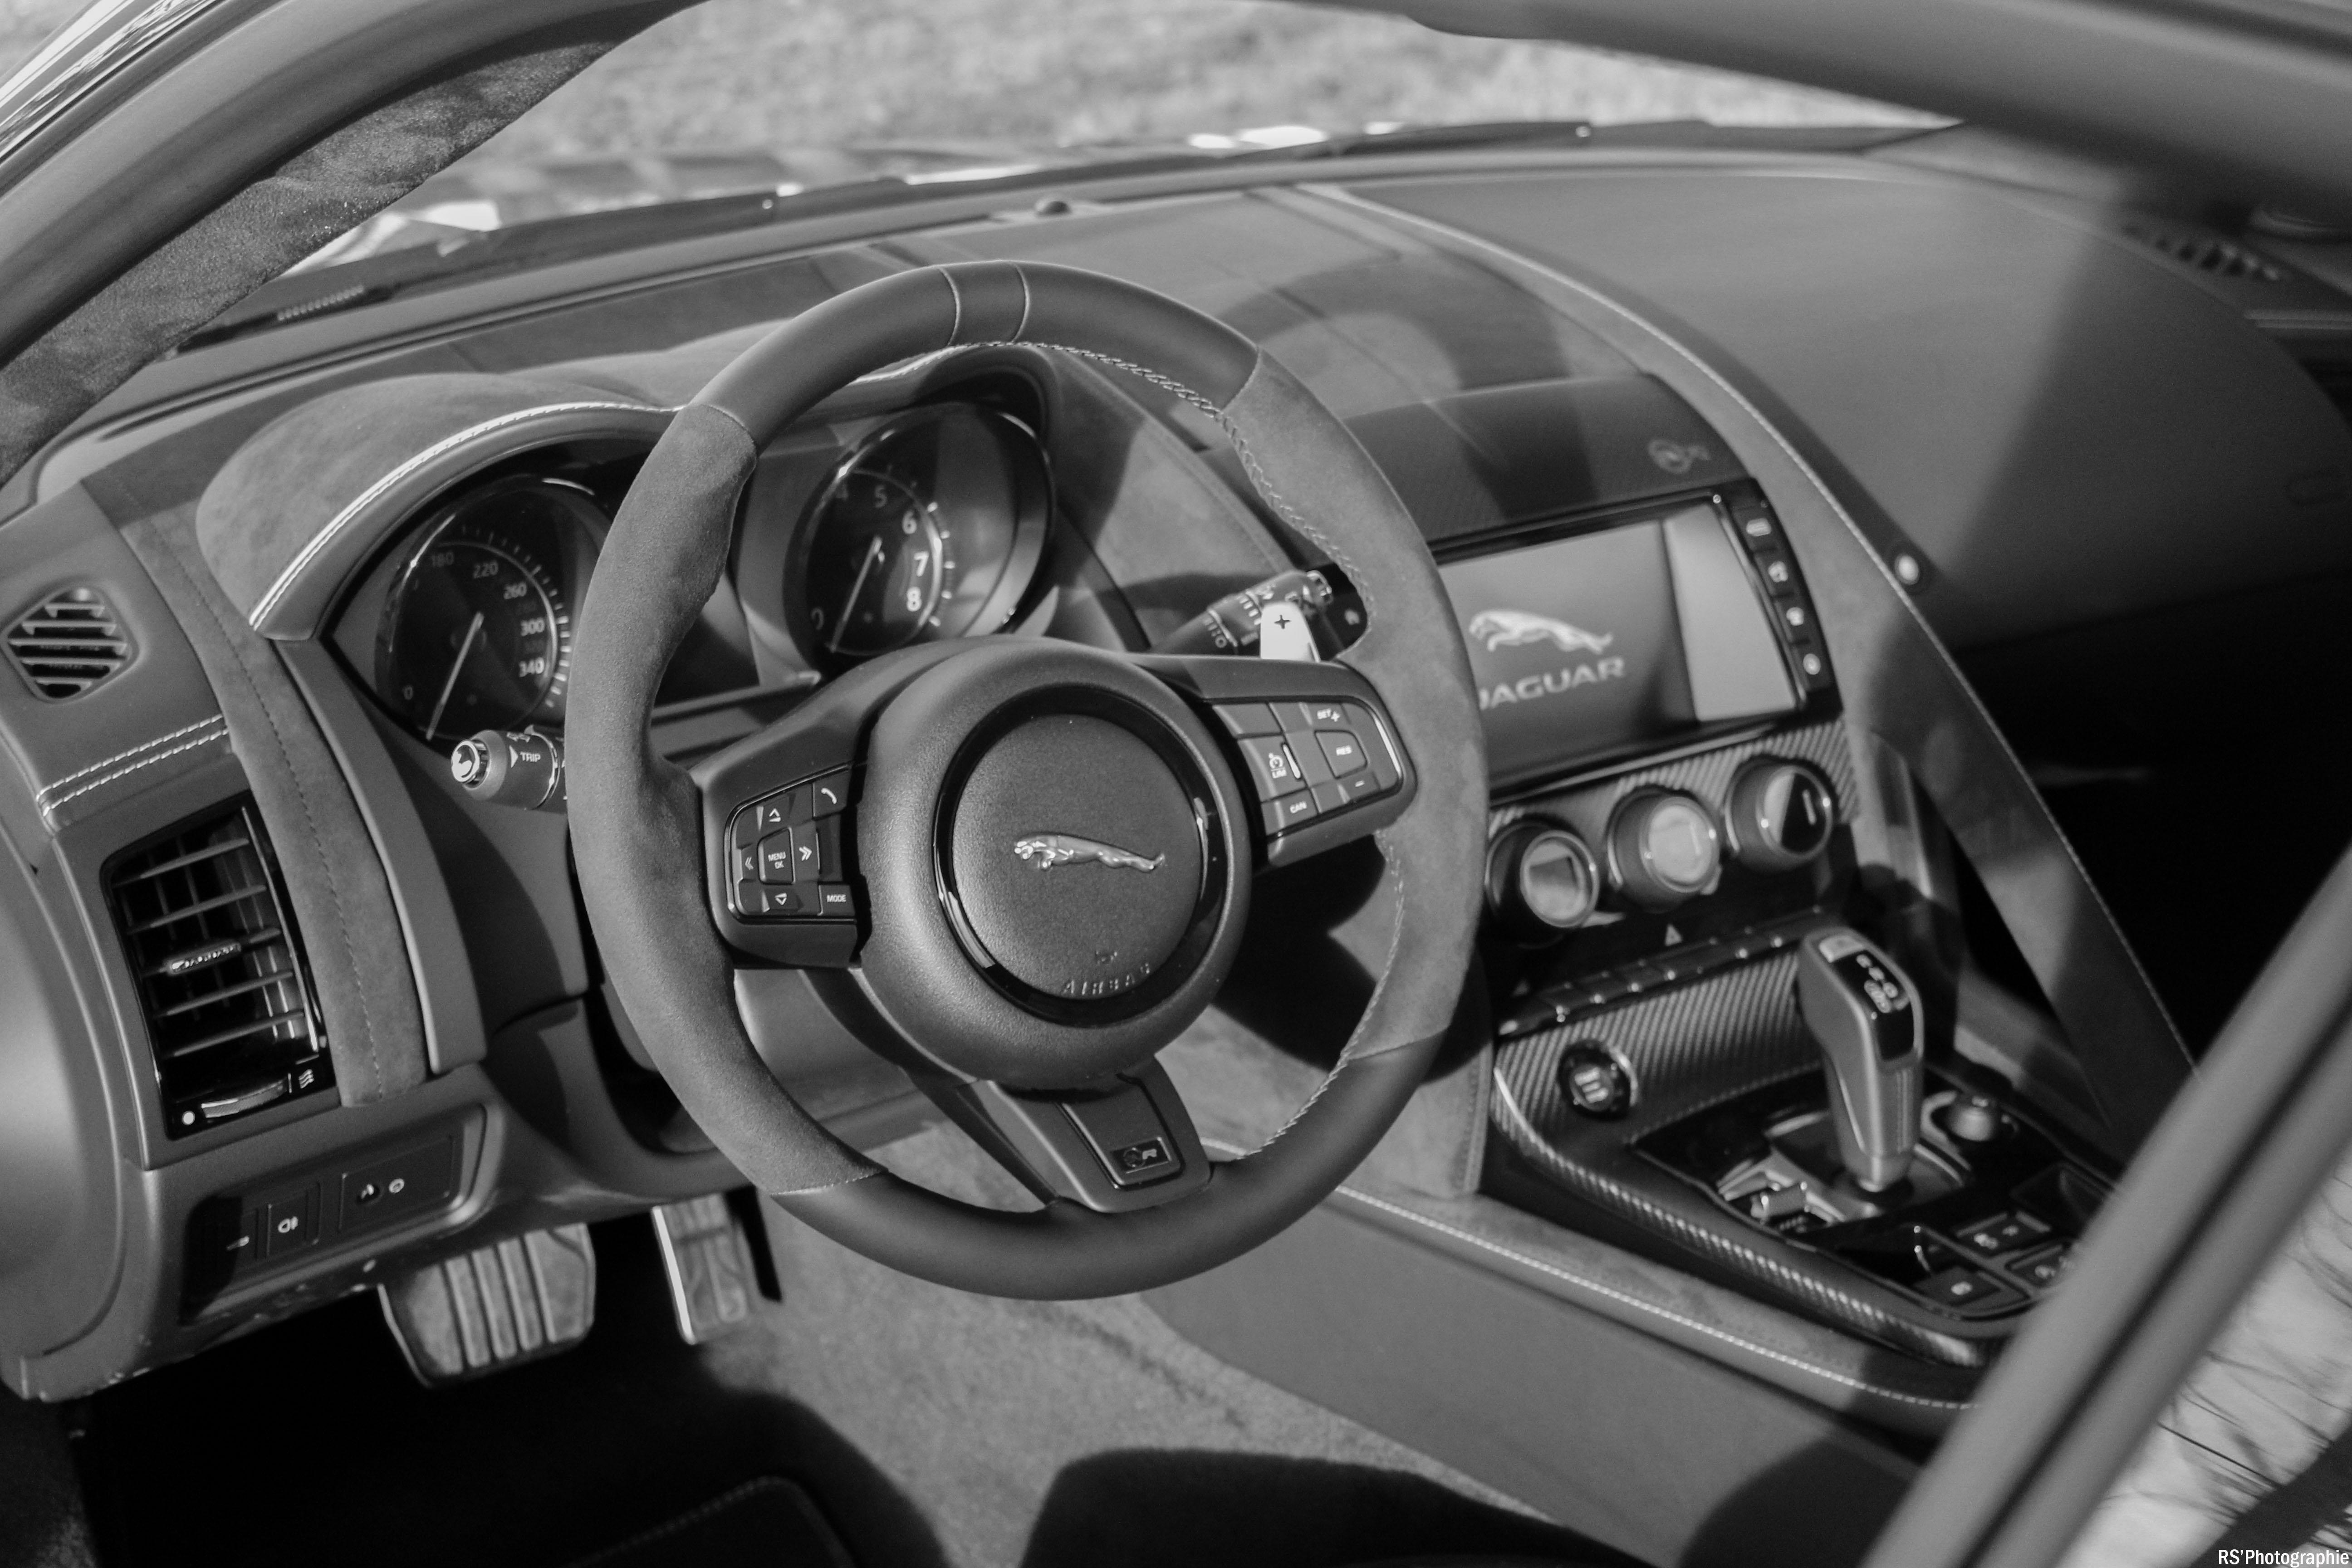 jaguarftypesvr13-jaguar-ftype-svr-intérieur-onboard-arnaud-demasier-rsphotographie